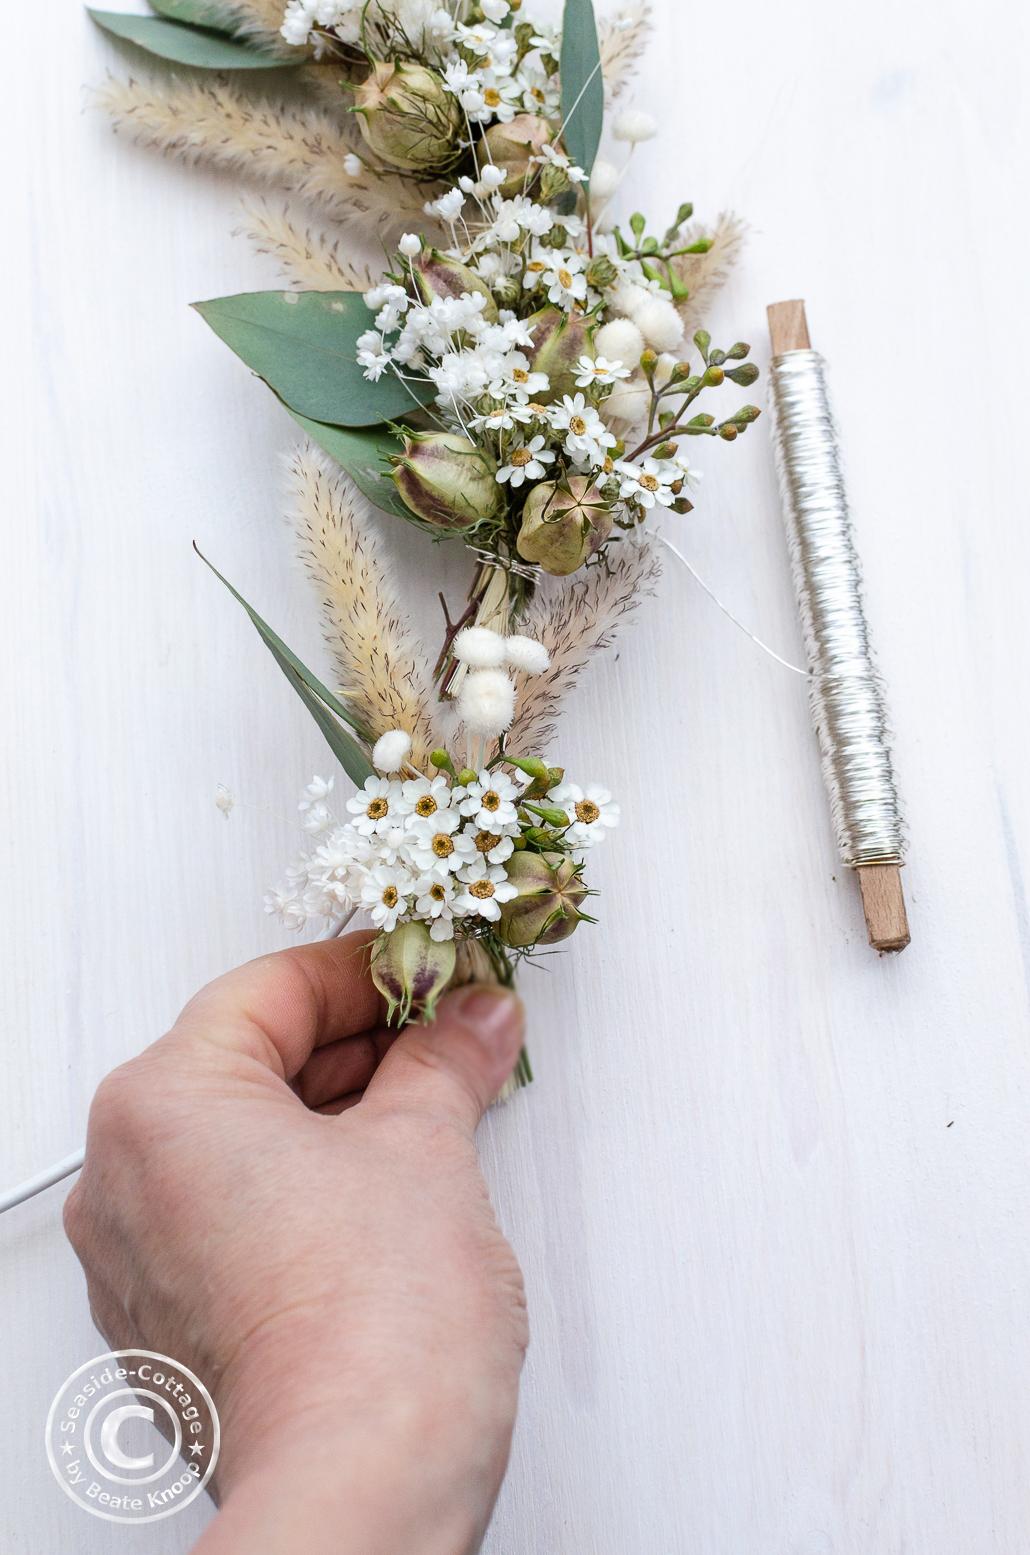 wie Du einen Kranz aus Trockenblumen bindest